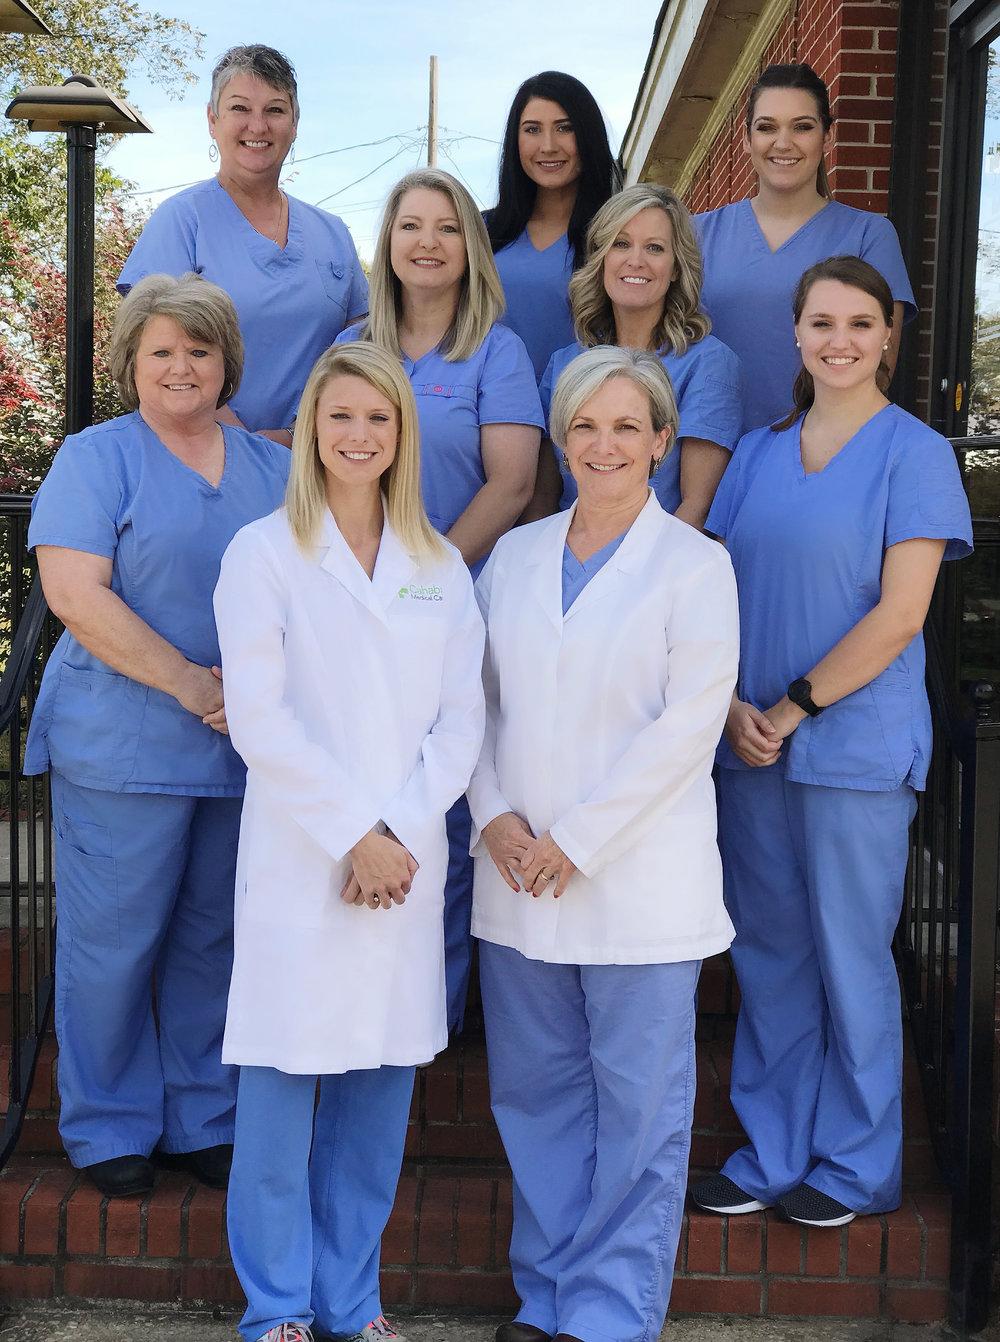 Top row, left to right: Sherry Sease, Receptionist; Erica Thomas, Dental Assistant; Mikayla Finnen, Dental Assistant    Middle: Cindy Bracknell, Receptionist; Karen Fondren, Registered Dental Hygienist; Karen Sessoms, Registered Dental Hygienist; Kaley Whaley, Dental Assistant    Bottom: Dr. Chelsea Maniscalco, DMD; Dr. Jennifer Wright, DMD